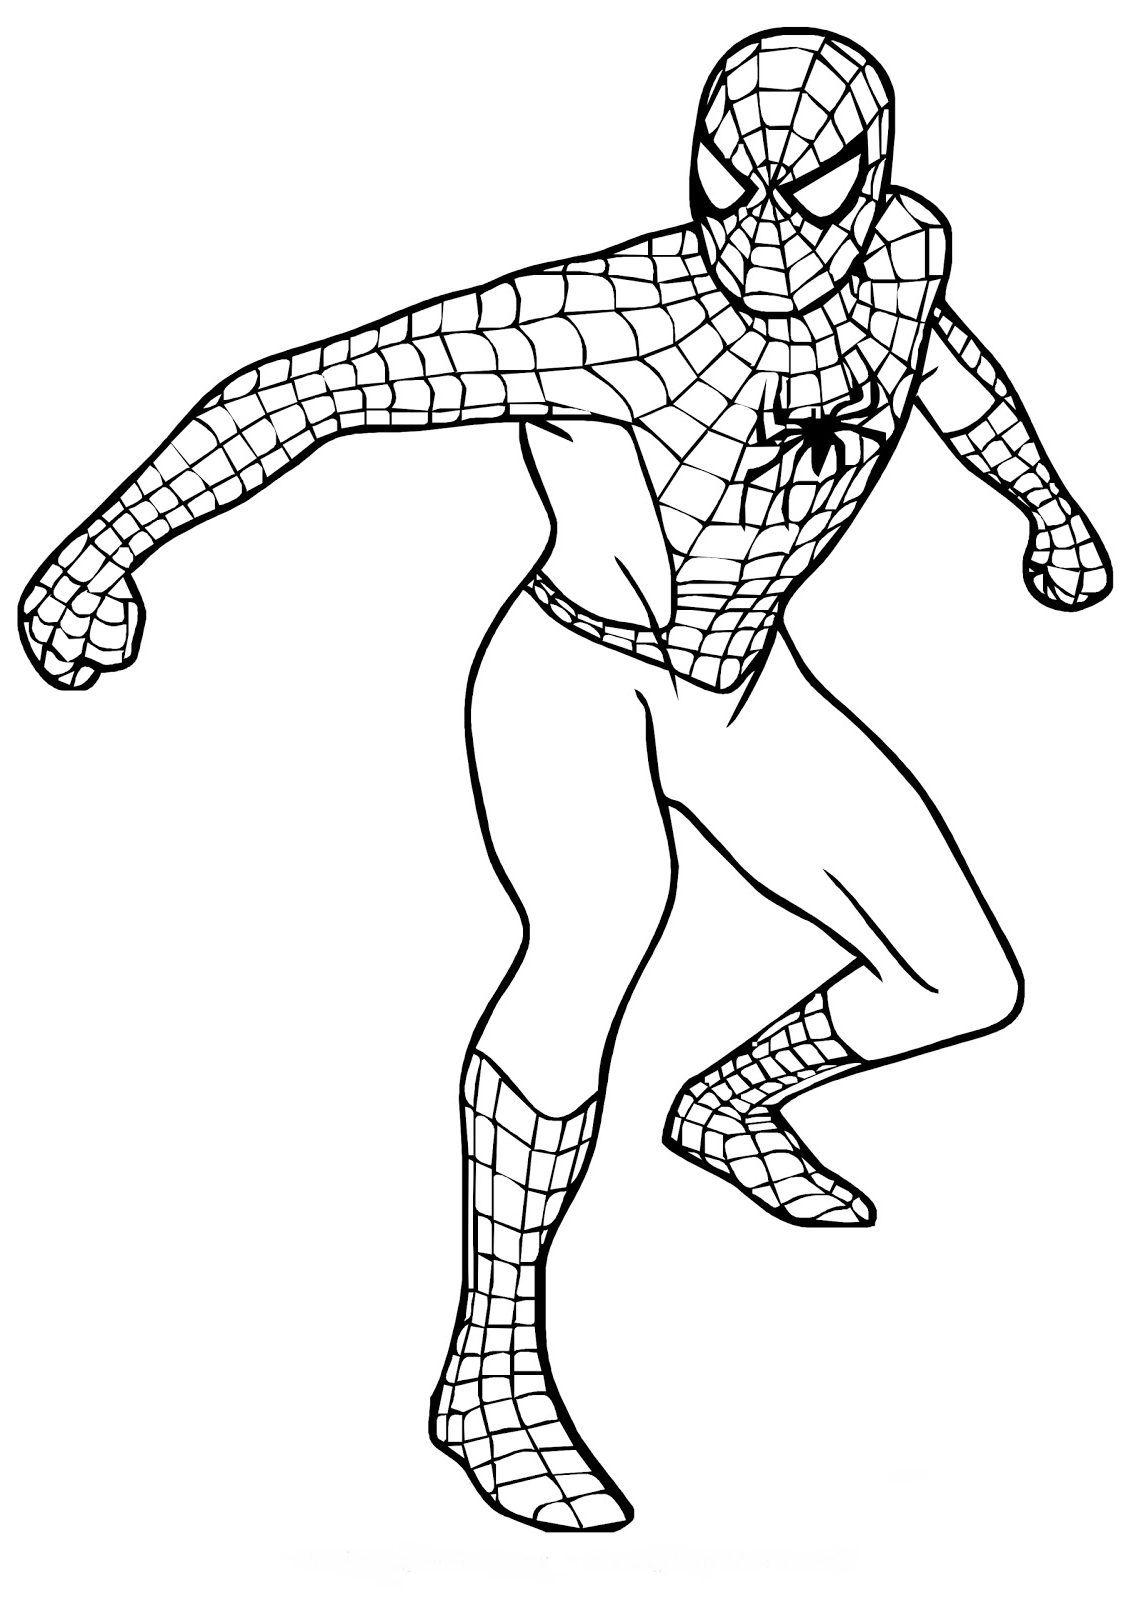 Top 20 Ausmalbilder Spiderman Zum Ausdrucken Kostenlos Ausmalbilder Malvorlagen Pferde Malvorlagen Fur Kinder Zum Ausdrucken